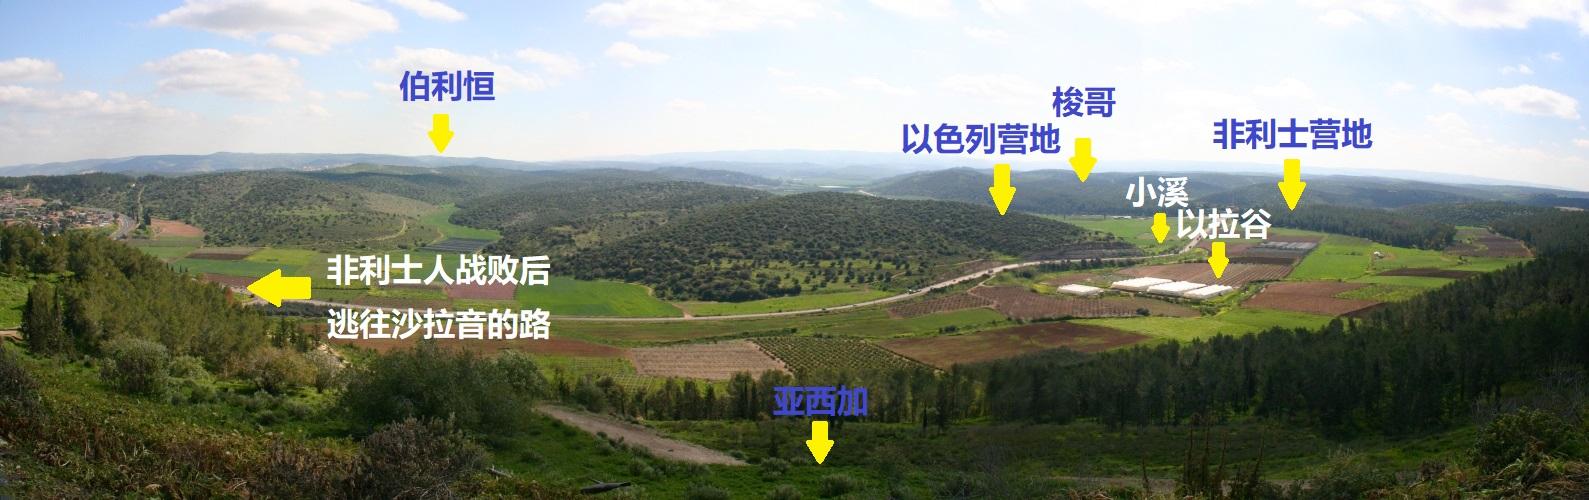 上图:从亚西加俯瞰以拉谷战场。